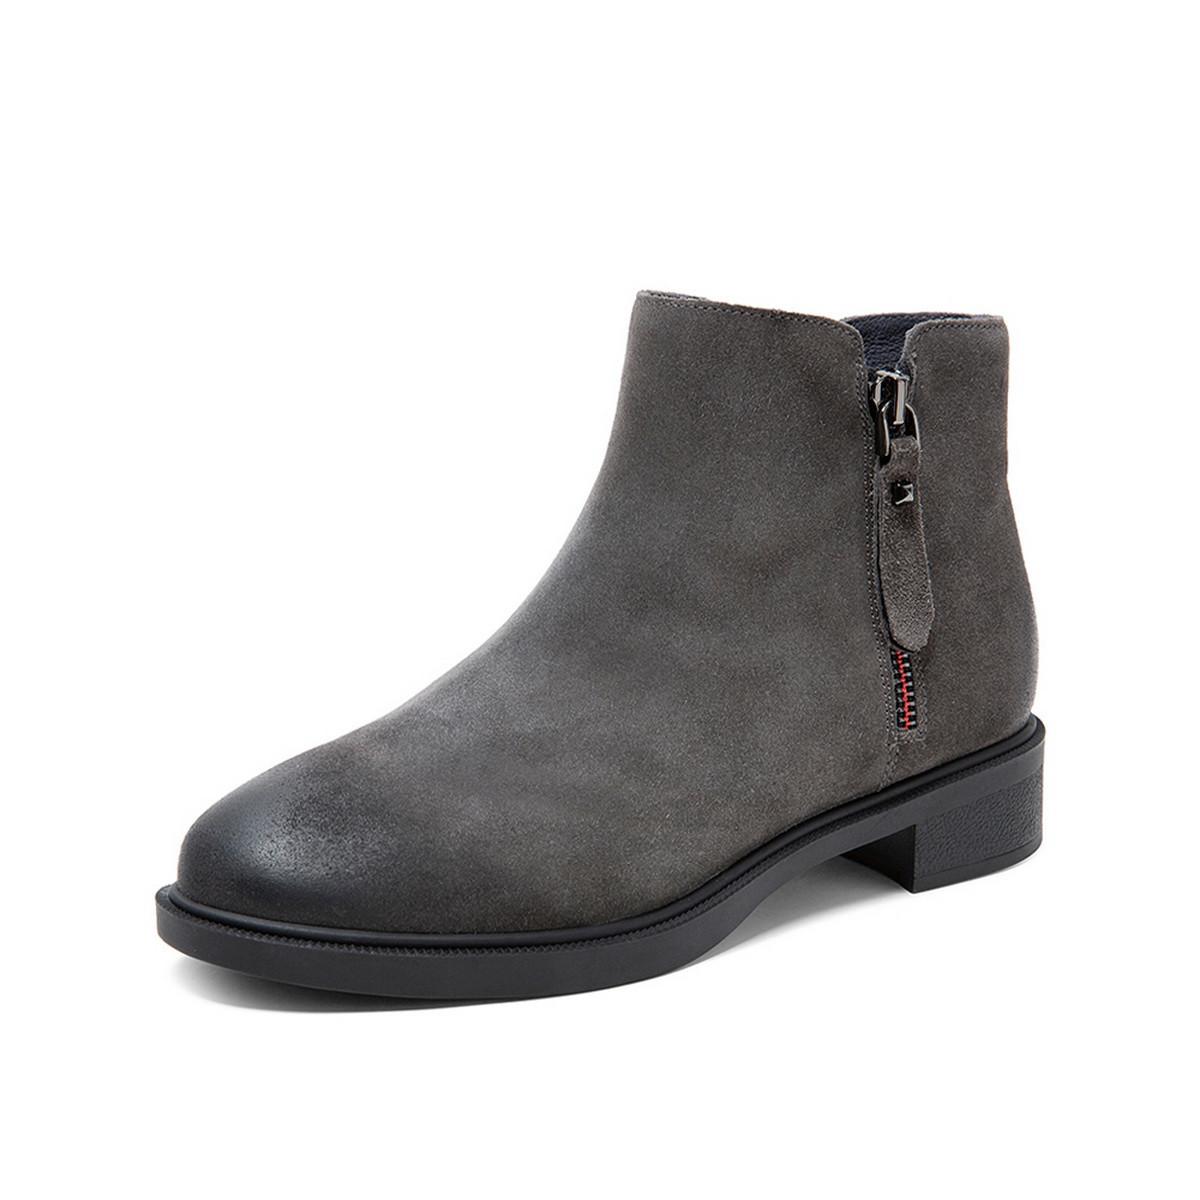 148元包邮 TEENMIX 天美意 女士短靴 CBE50DD9